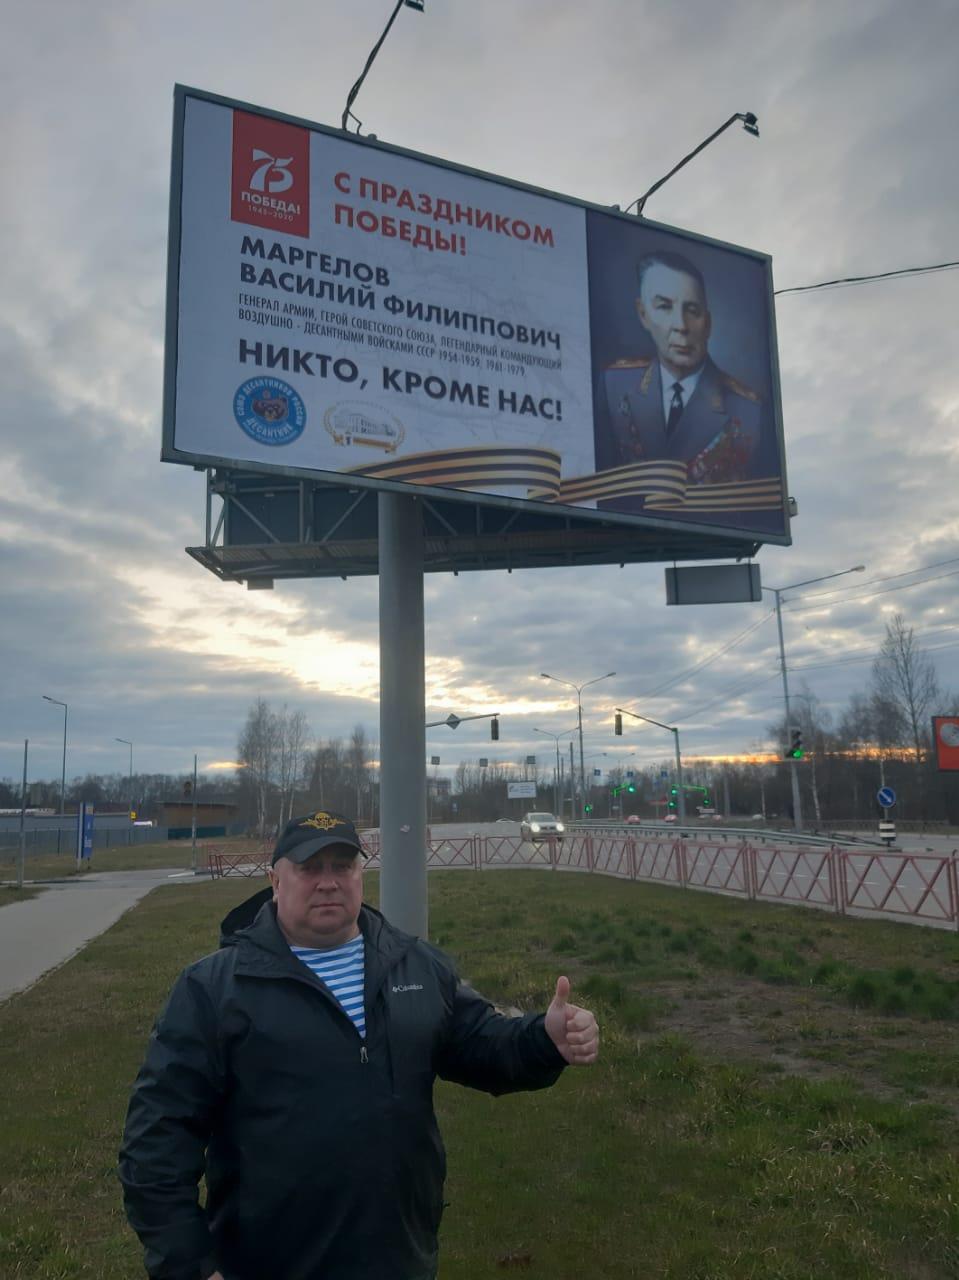 На улицах Ярославля в память о командующем ВДВ Маргелове Василии Филипповиче появилось несколько баннеров!!!